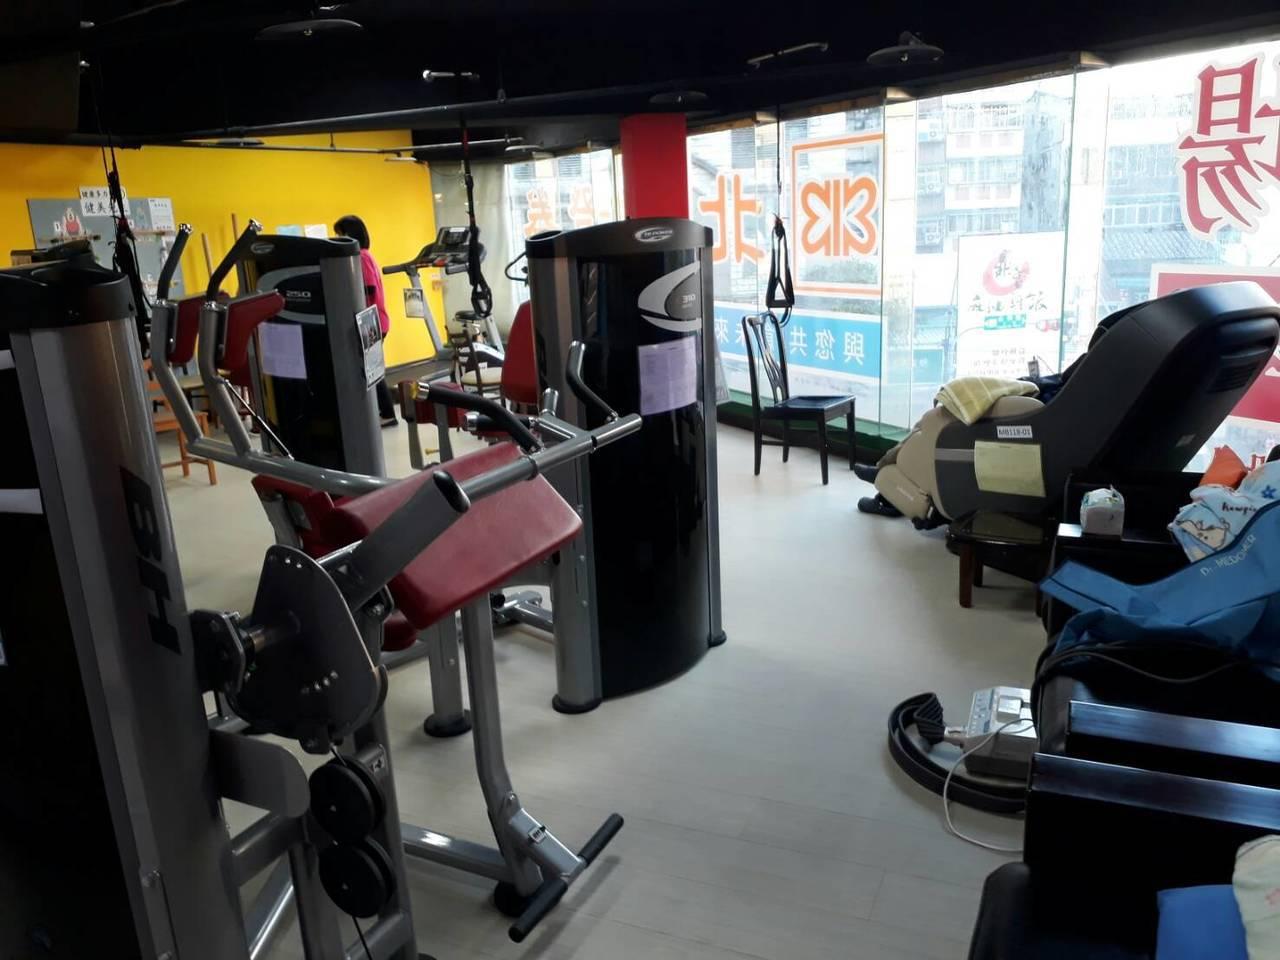 永和錸工場公共托老中心還設有健身器材。圖/新北市社會局提供